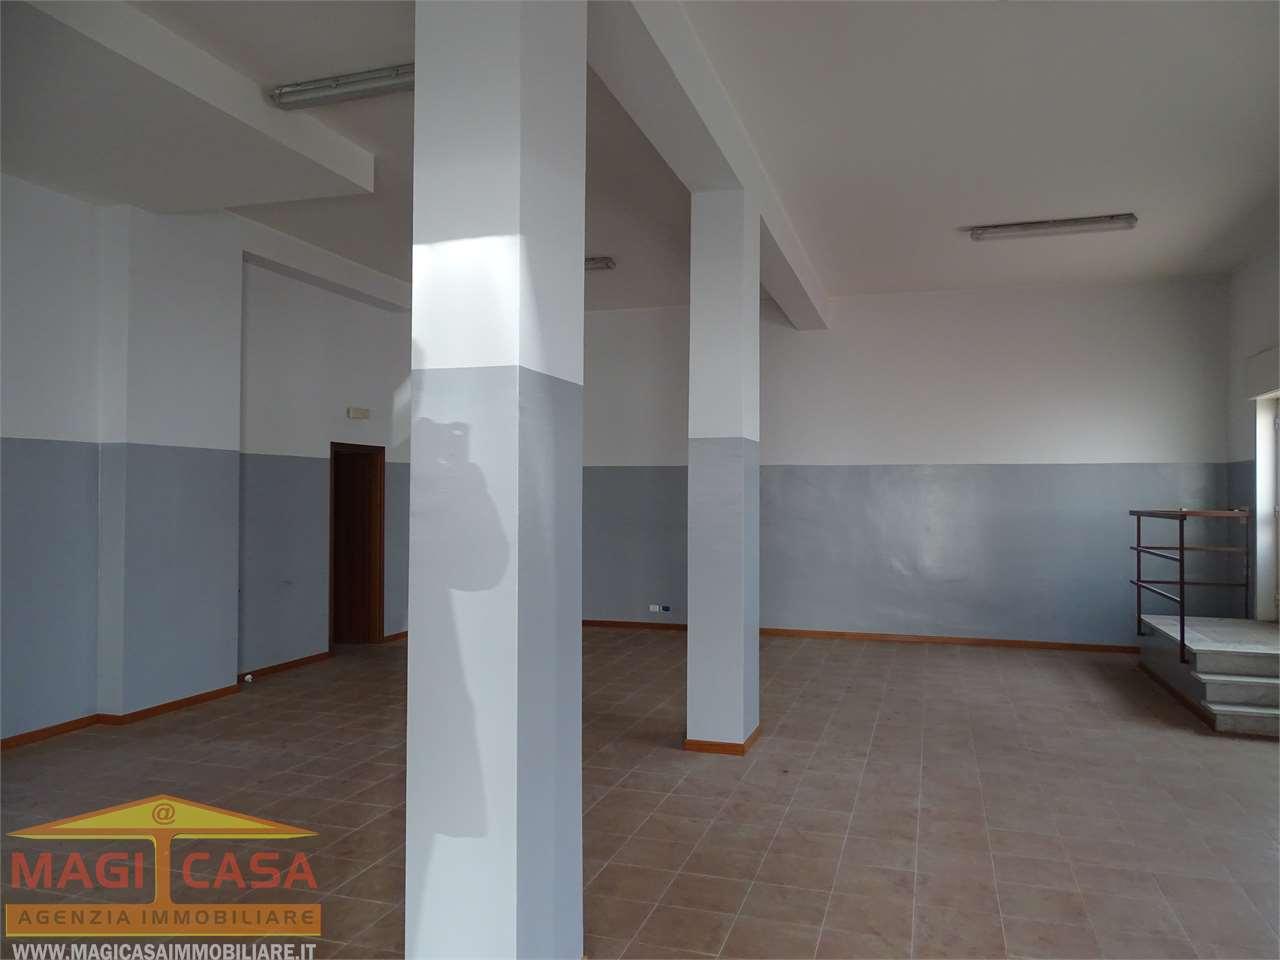 Negozio Camporotondo Etneo 1011